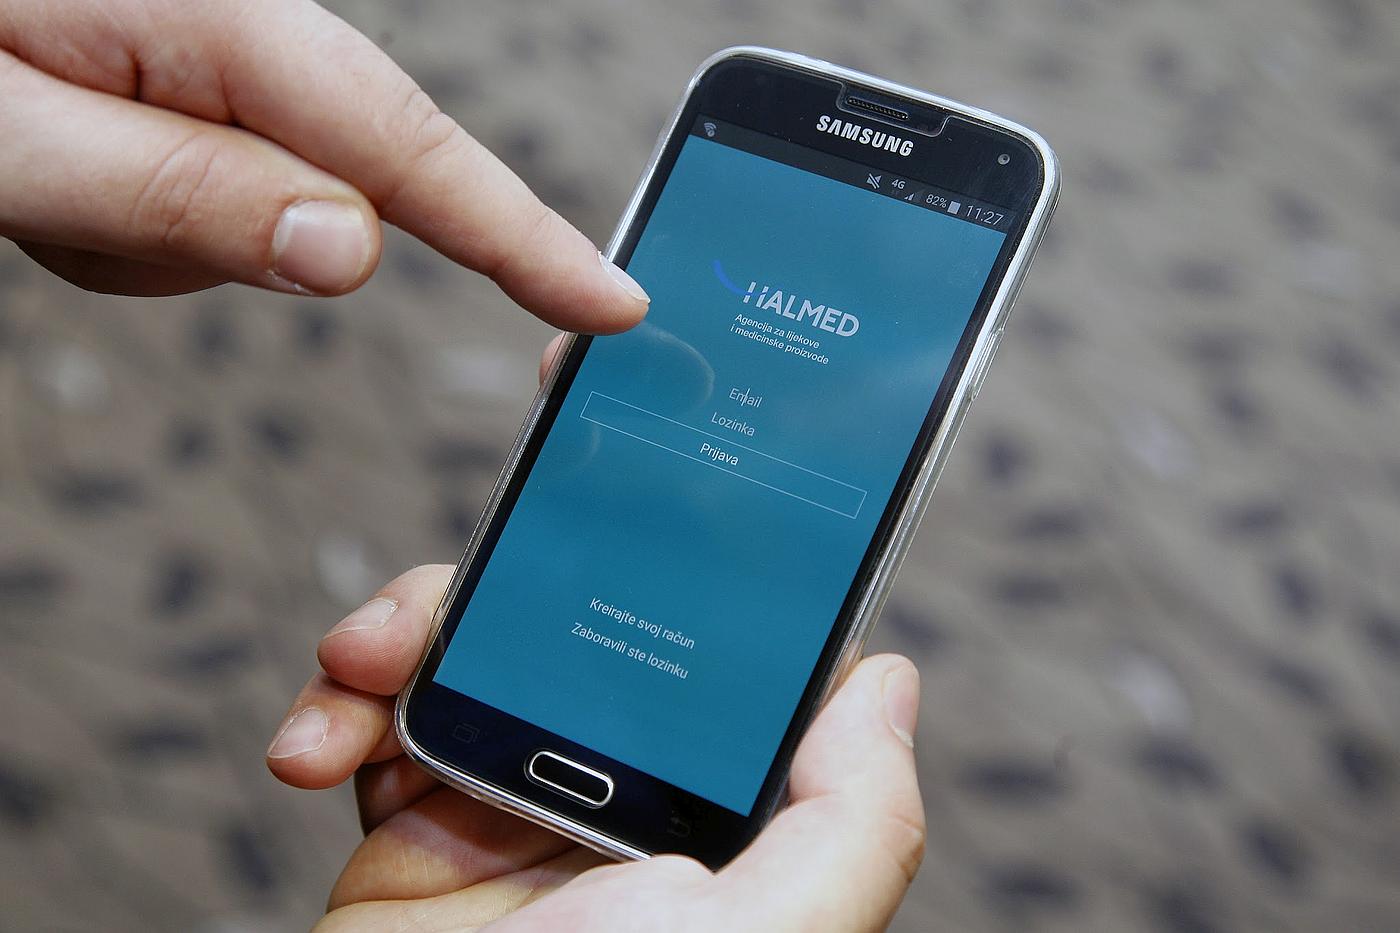 Hrvatska je među tri zemlje EU koje su uvele mobilnu aplikaciju za prijavu nuspojava na lijekove.